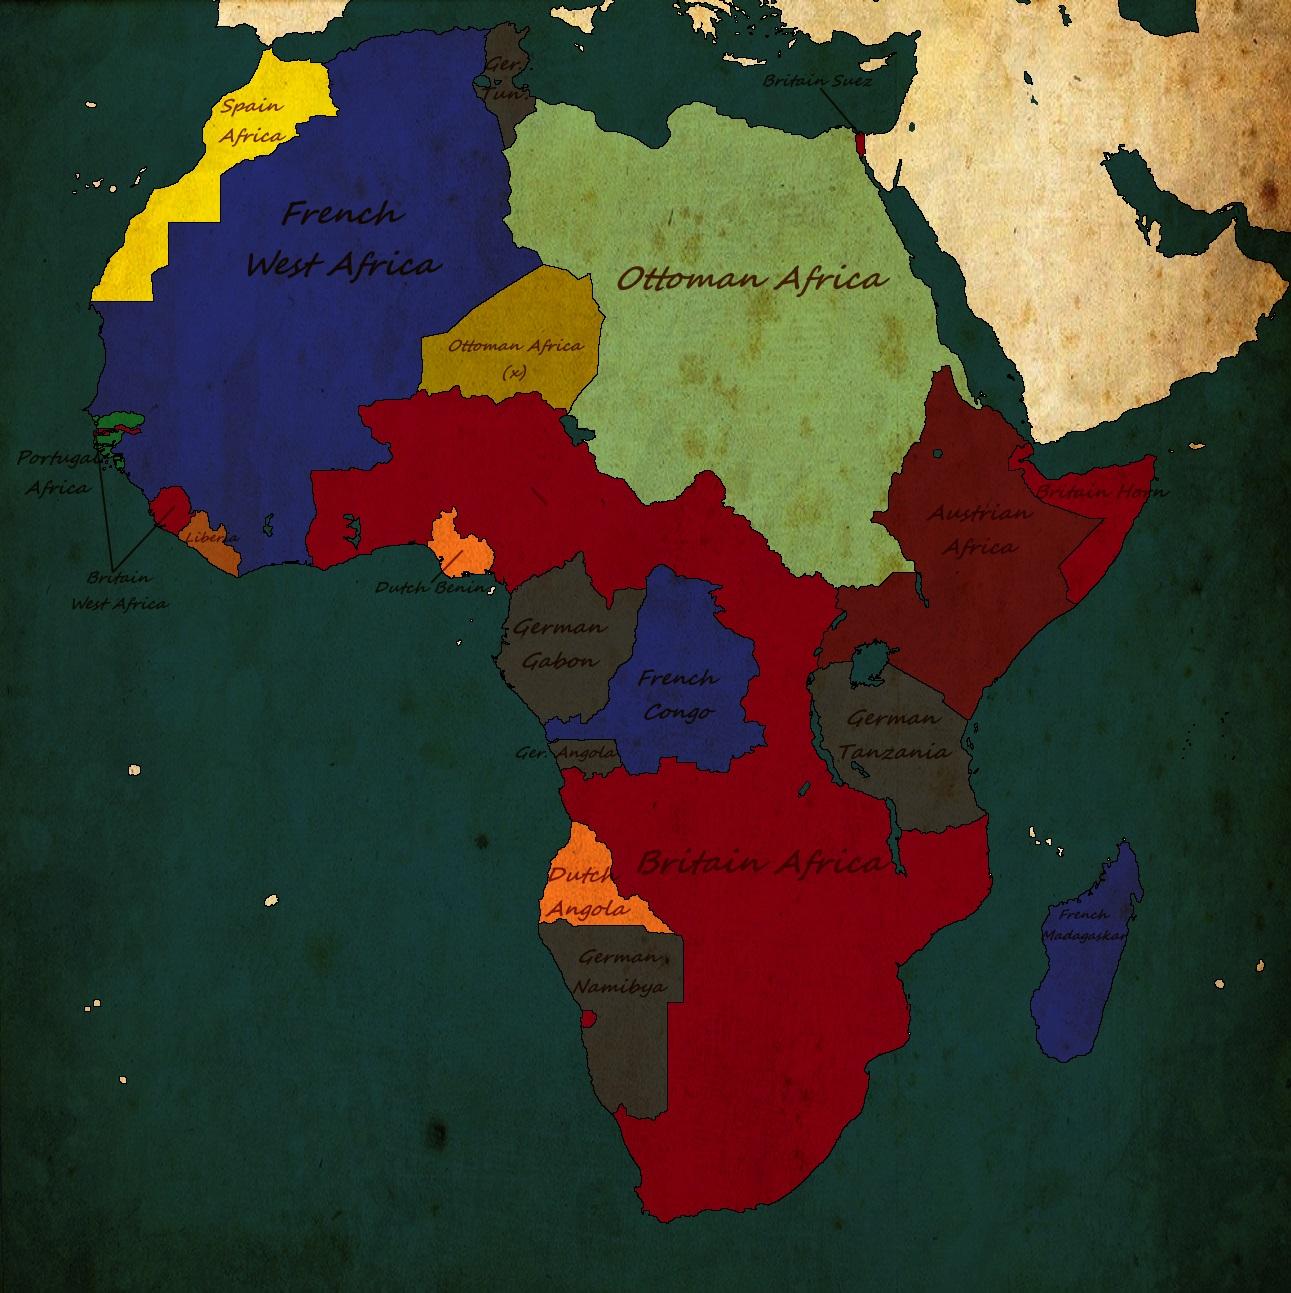 AfricaTextMap.jpg